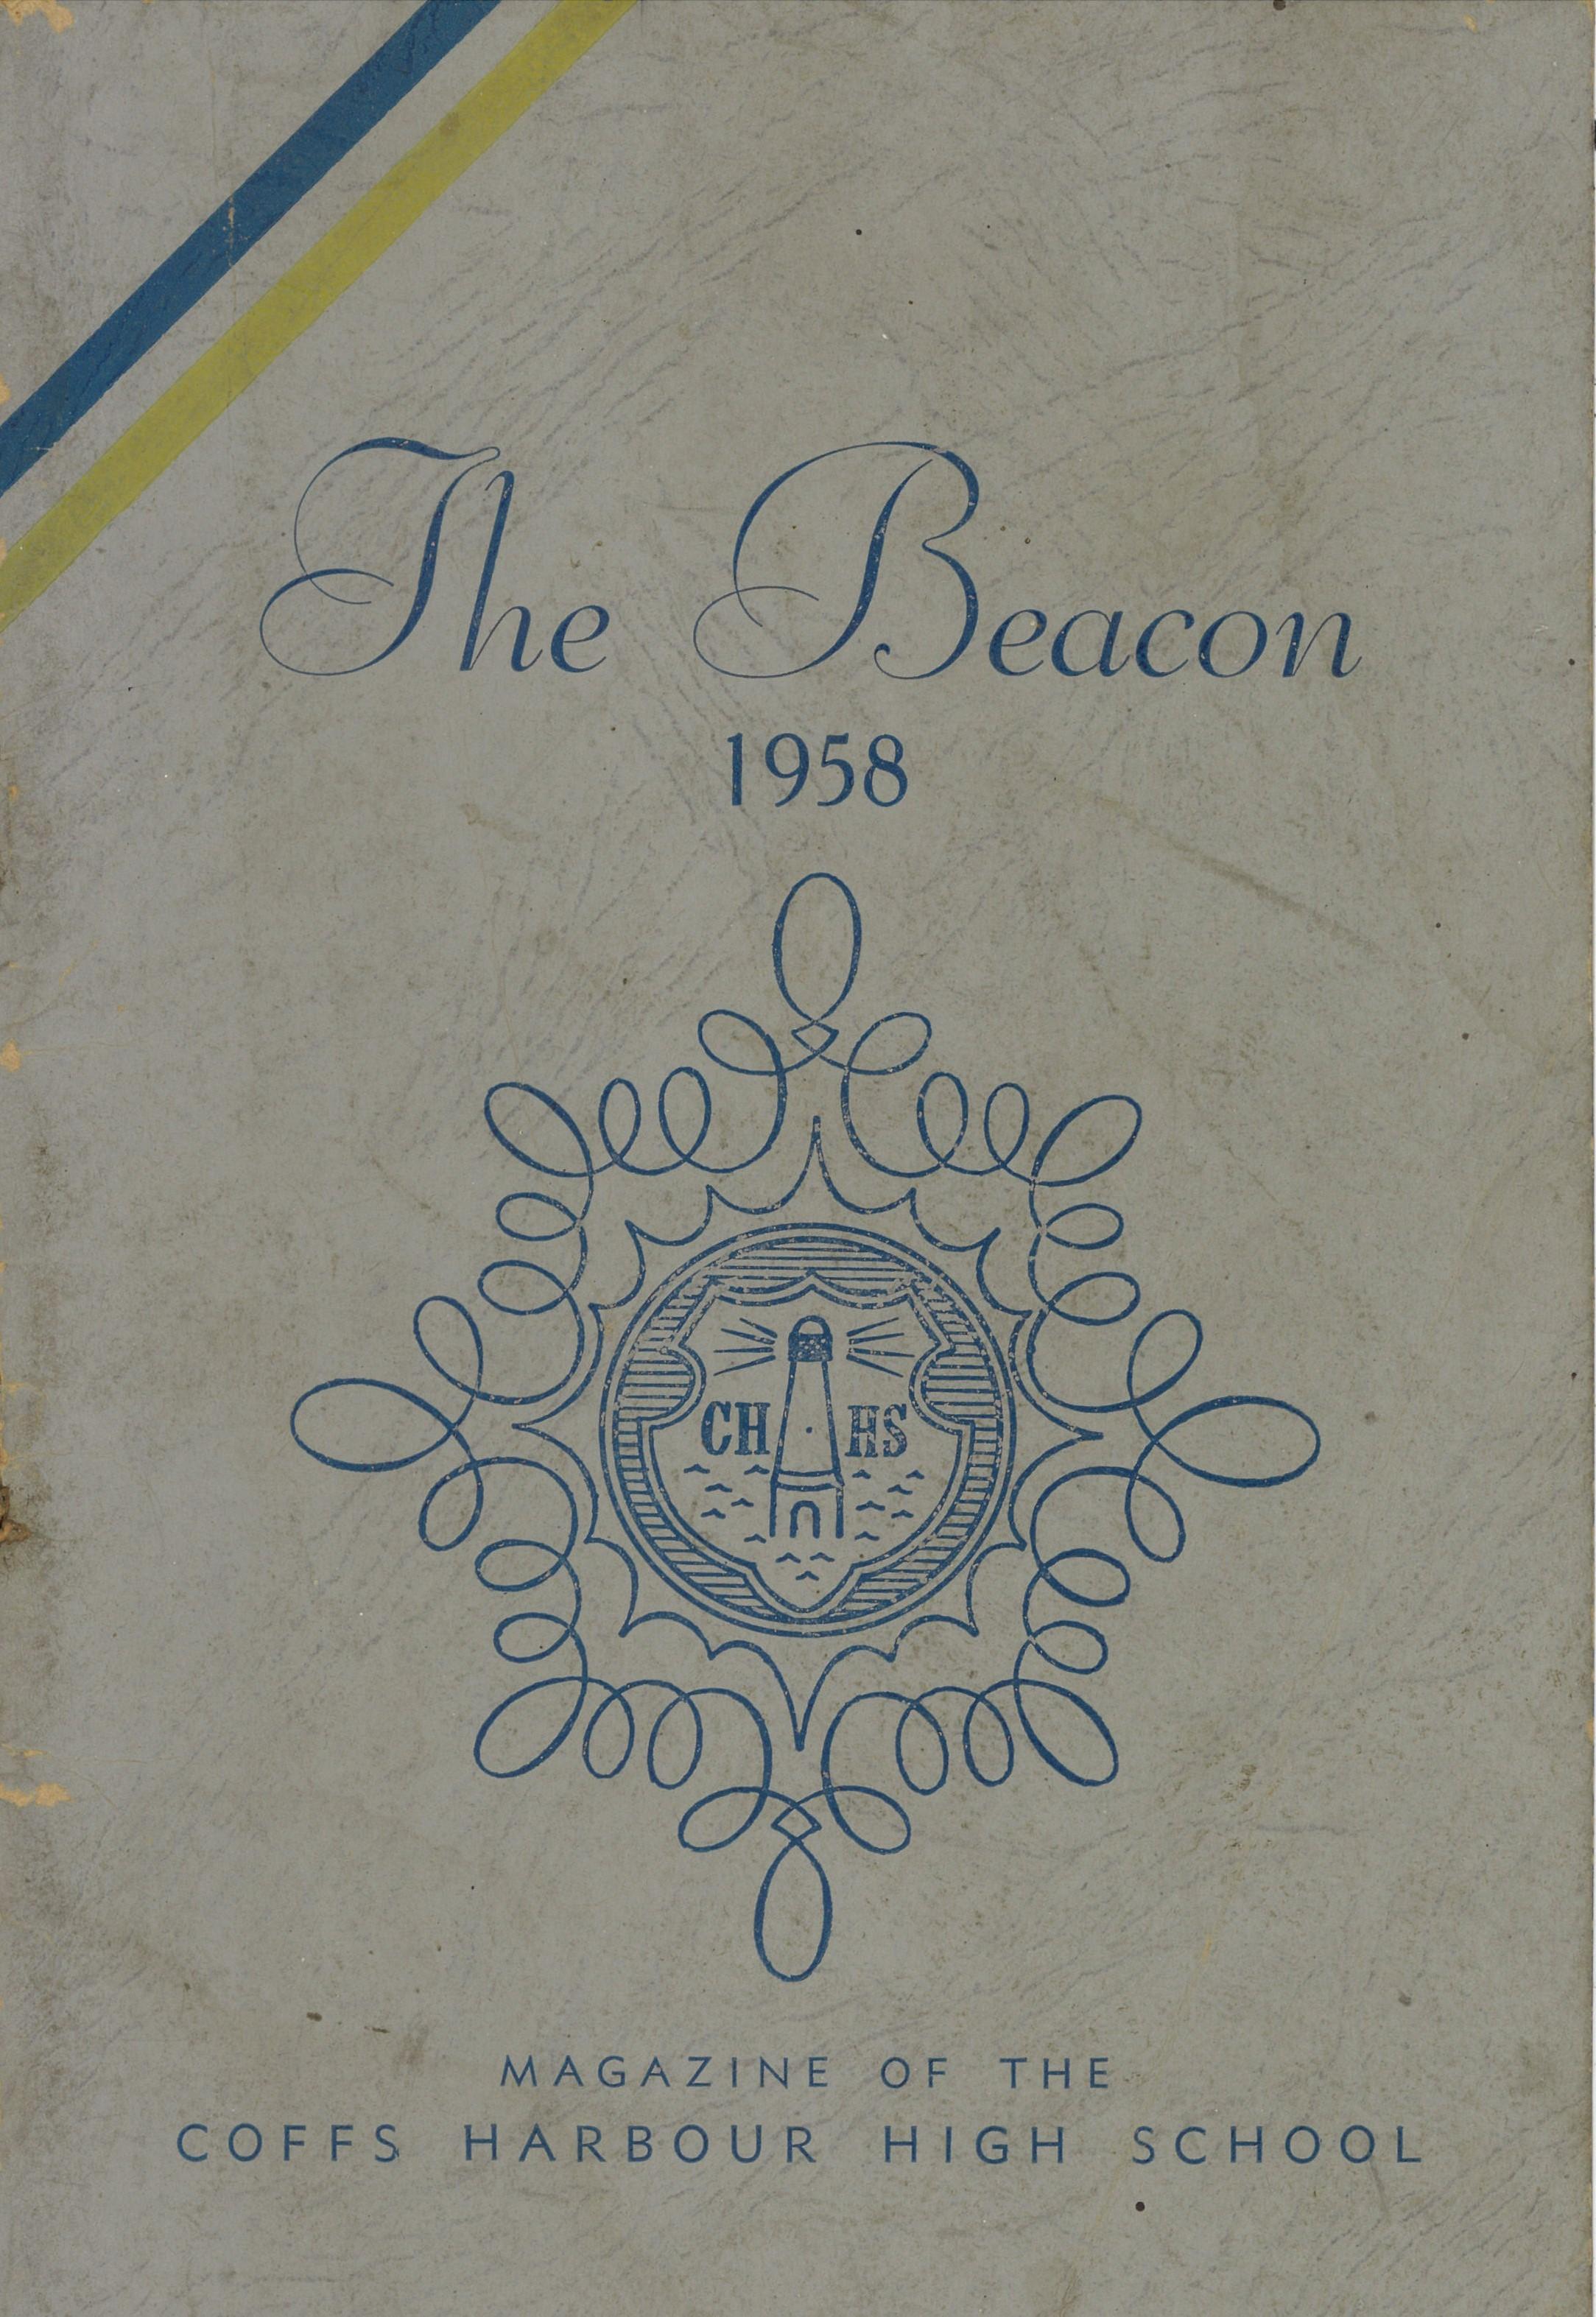 beacon pic 1958 (2)